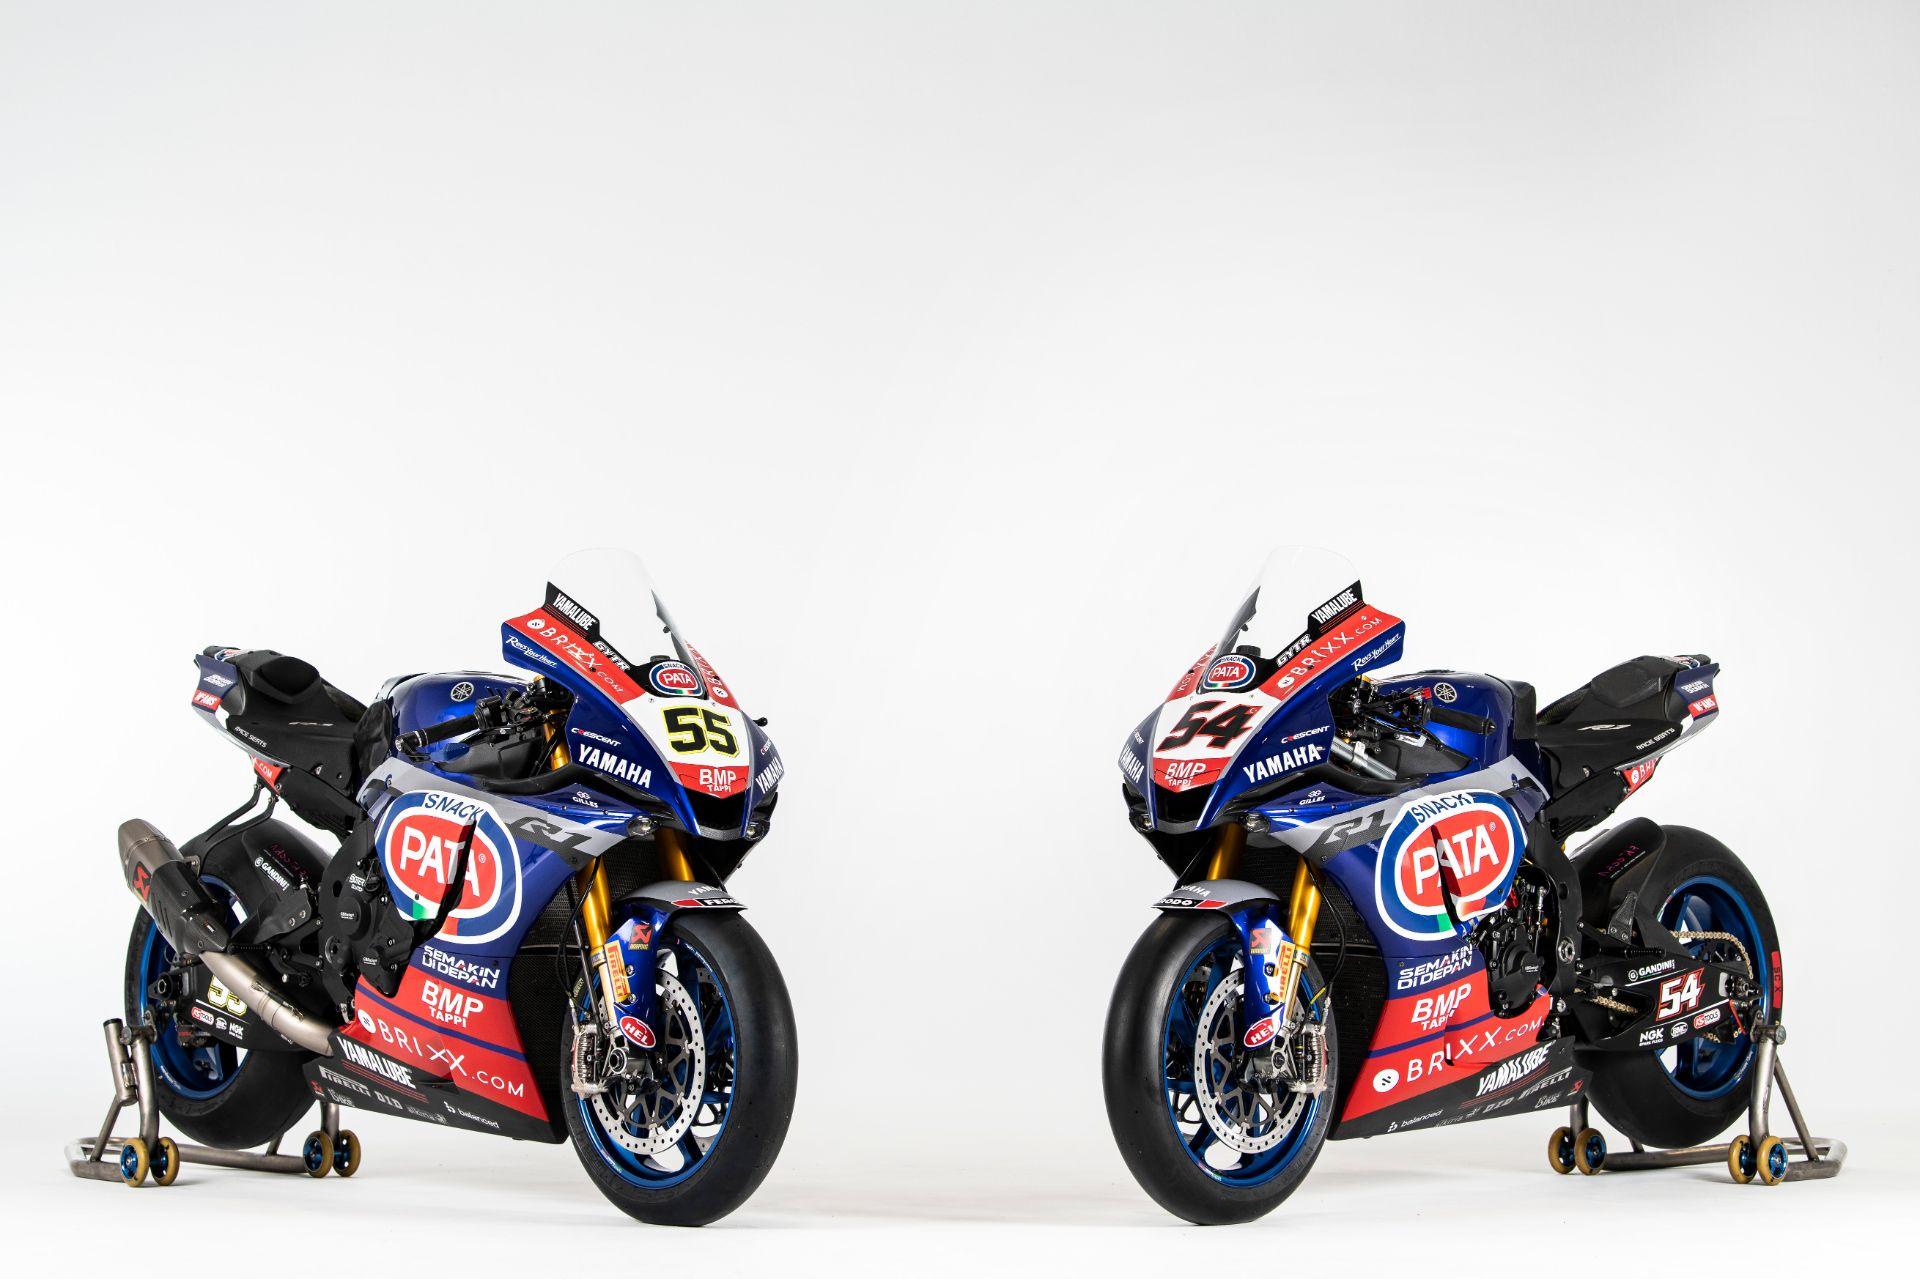 Pata Yamaha 新たにタイトルスポンサーBRIXXを迎え2021年に挑む